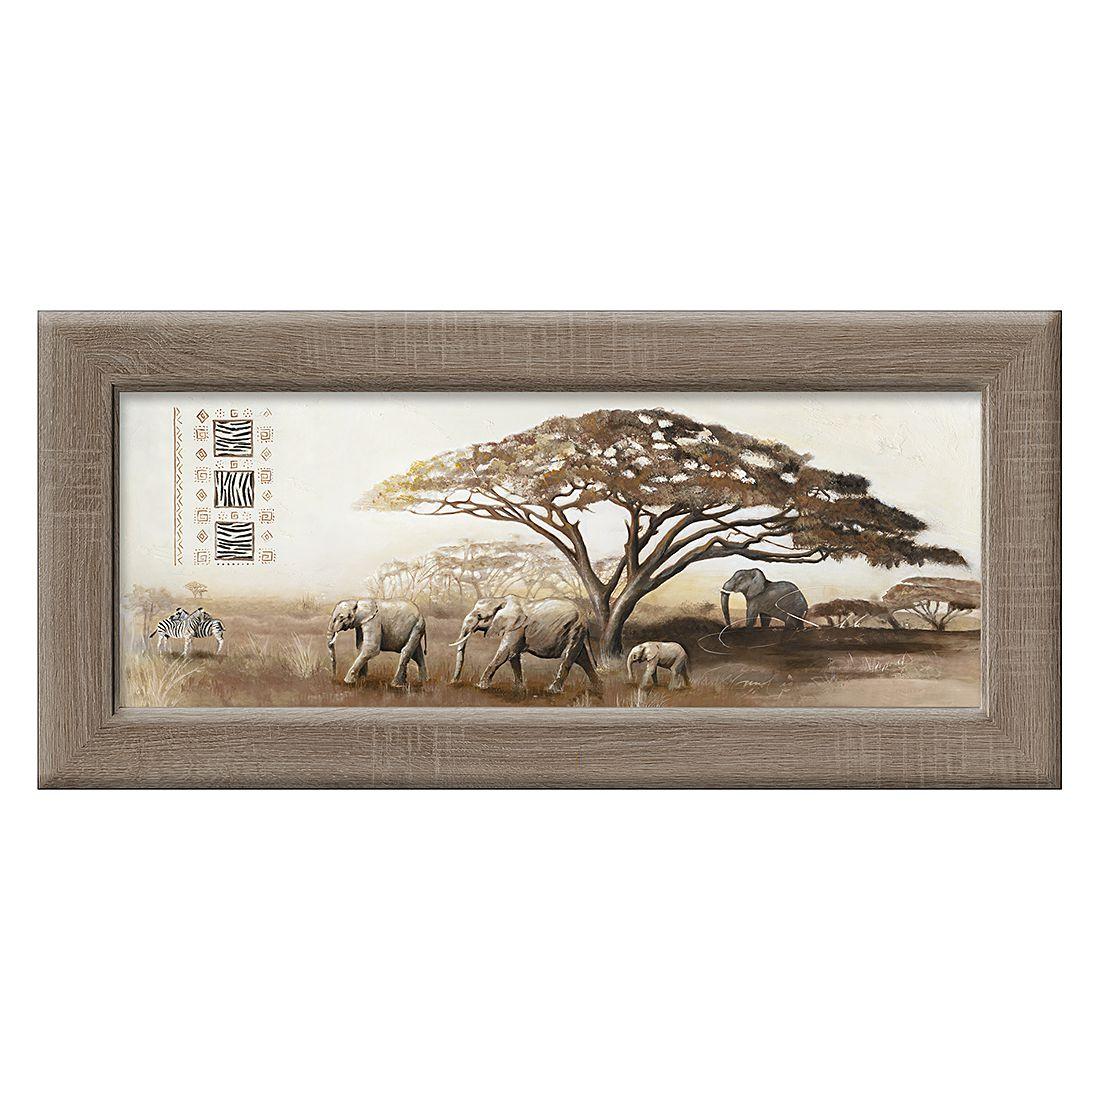 Kunstdruck African fever, Pro Art